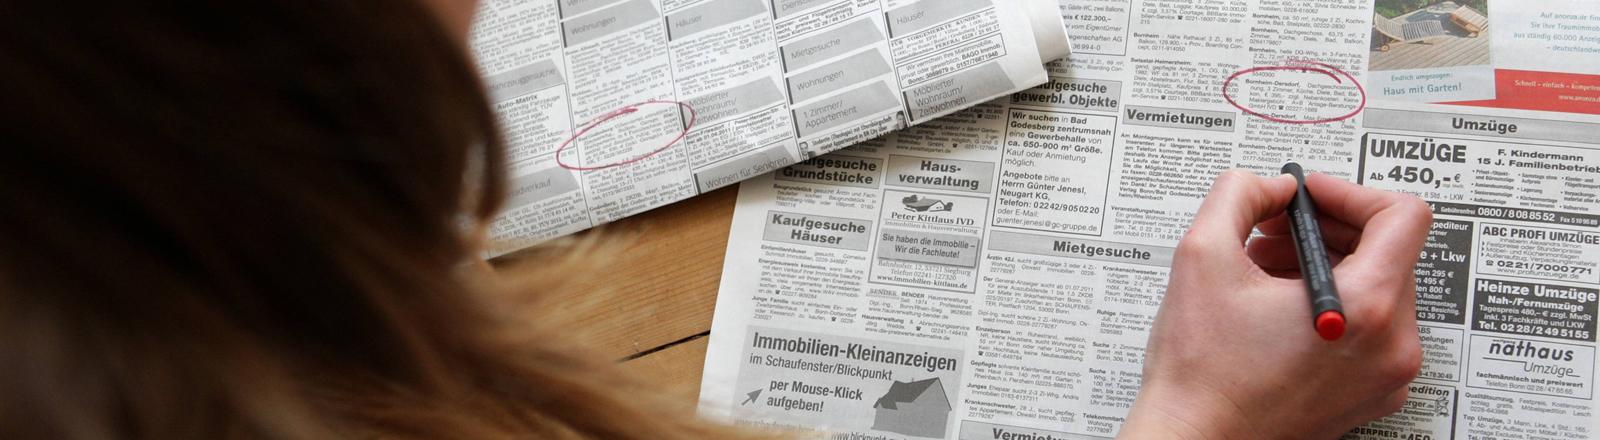 Frau liest Wohnungsangebote in der Zeitungen